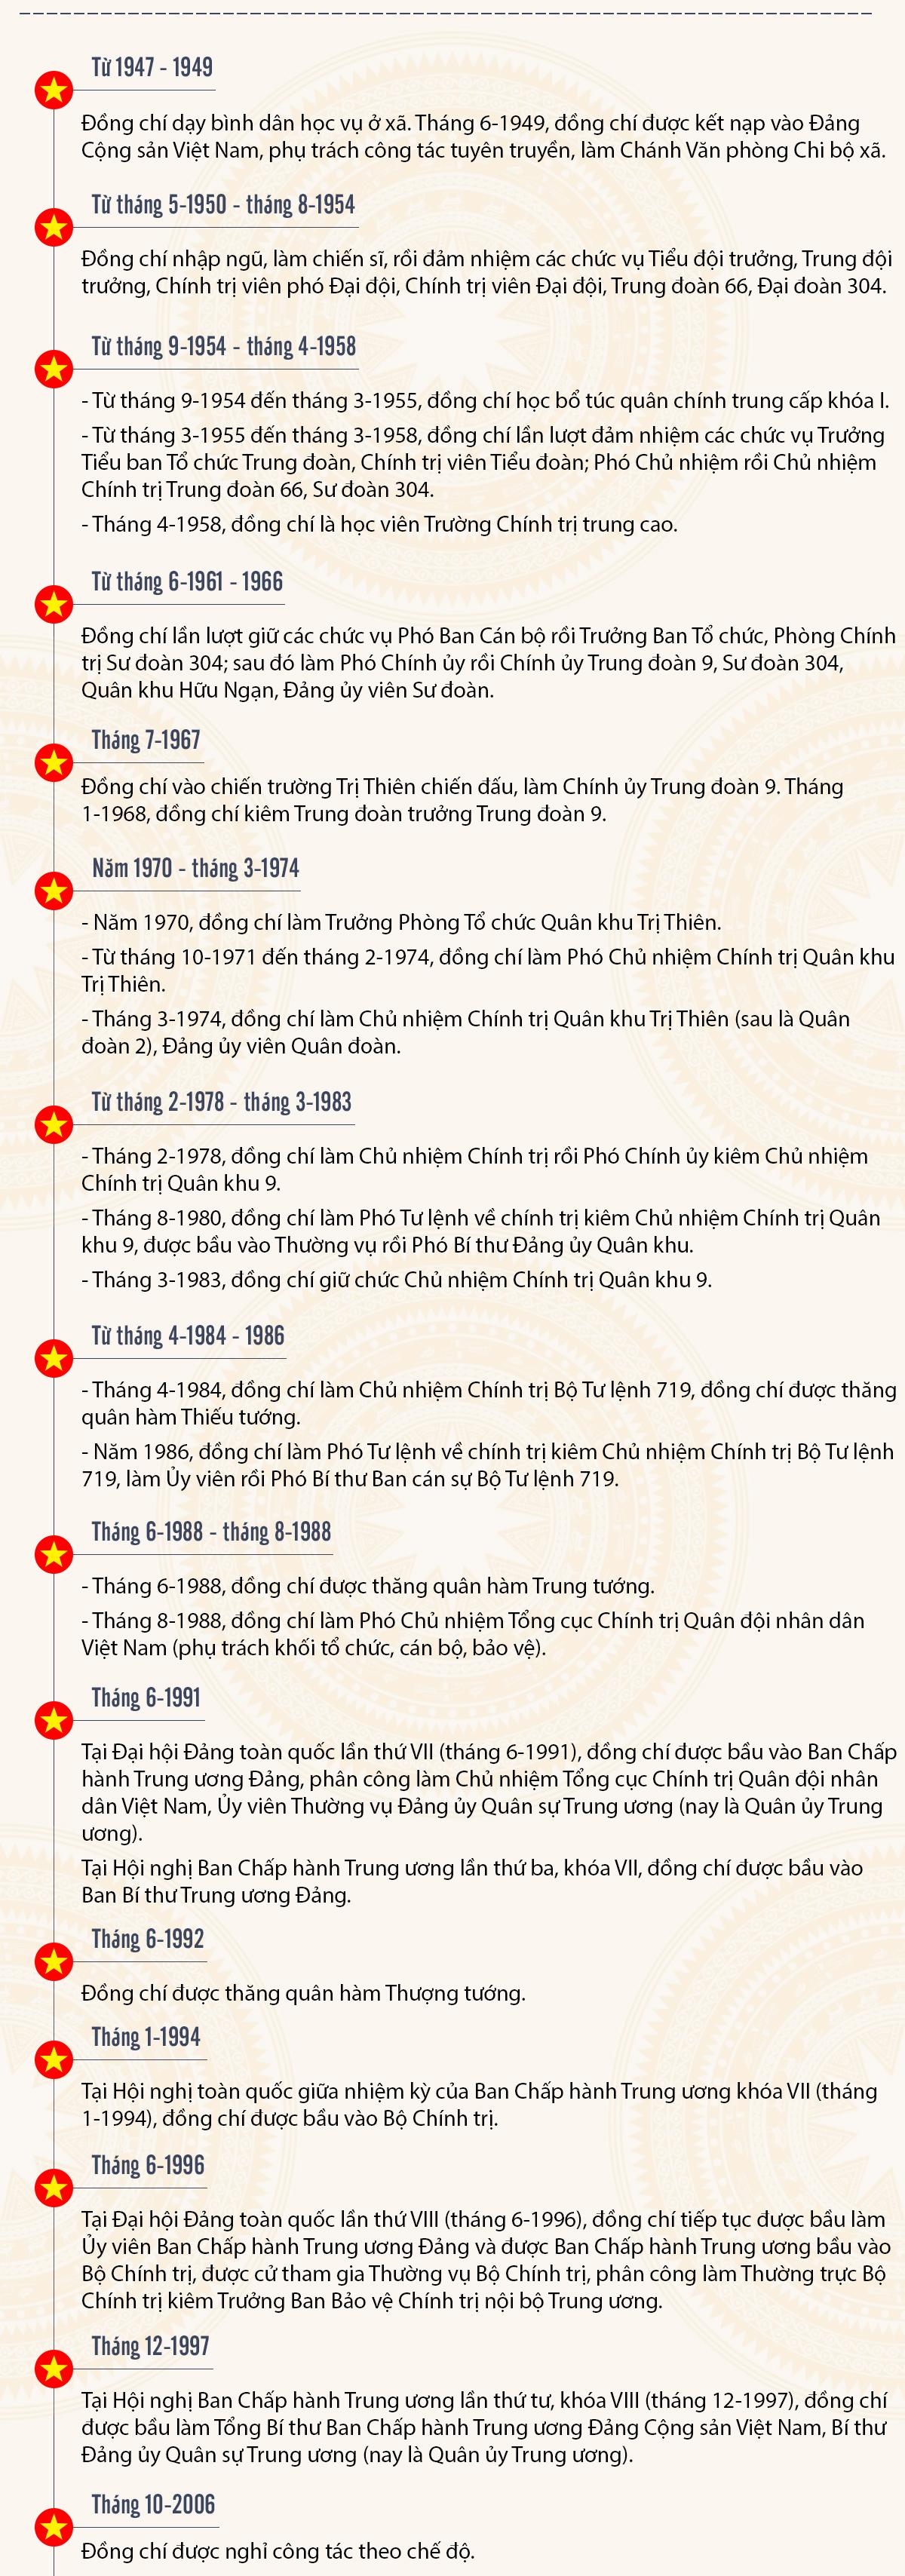 [Infographic] Tóm tắt tiểu sử đồng chí LÊ KHẢ PHIÊU, Nguyên Tổng Bí thư Ban Chấp hành Trung ương Đảng Cộng sản Việt Nam -1